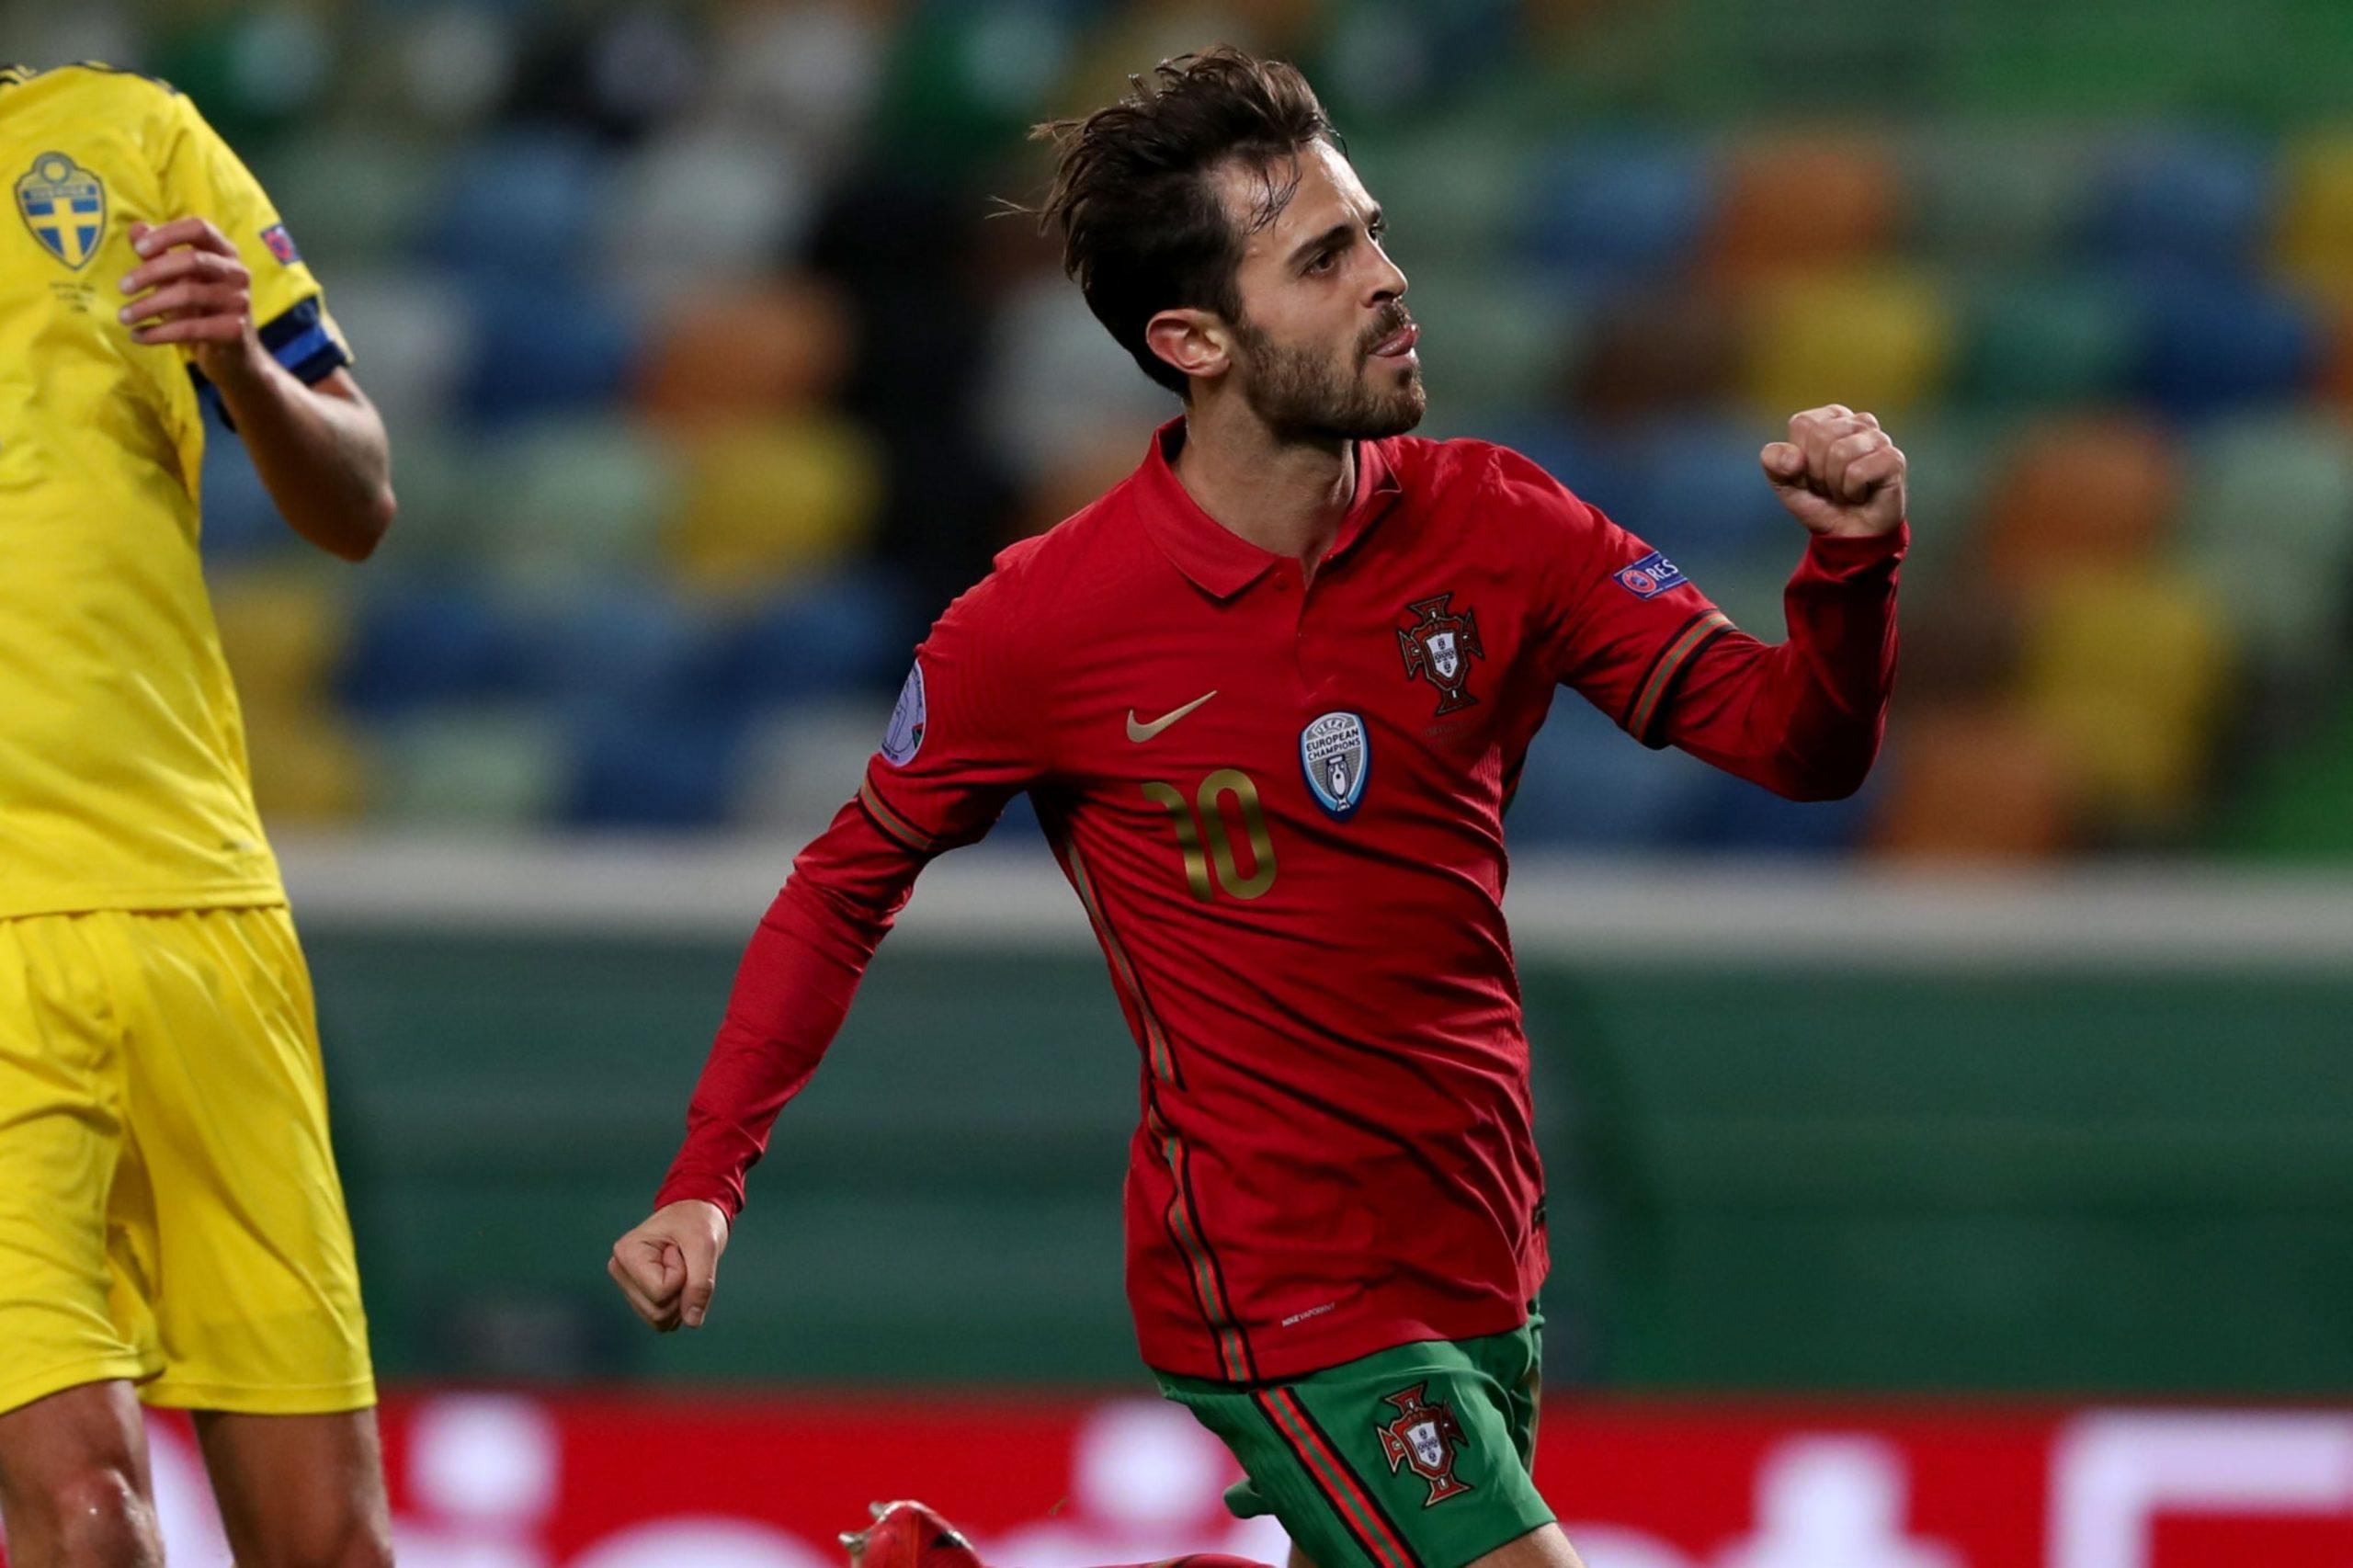 🎥Vidéo : Bernardo Silva ouvre le score avec le Portugal face à la Suède !